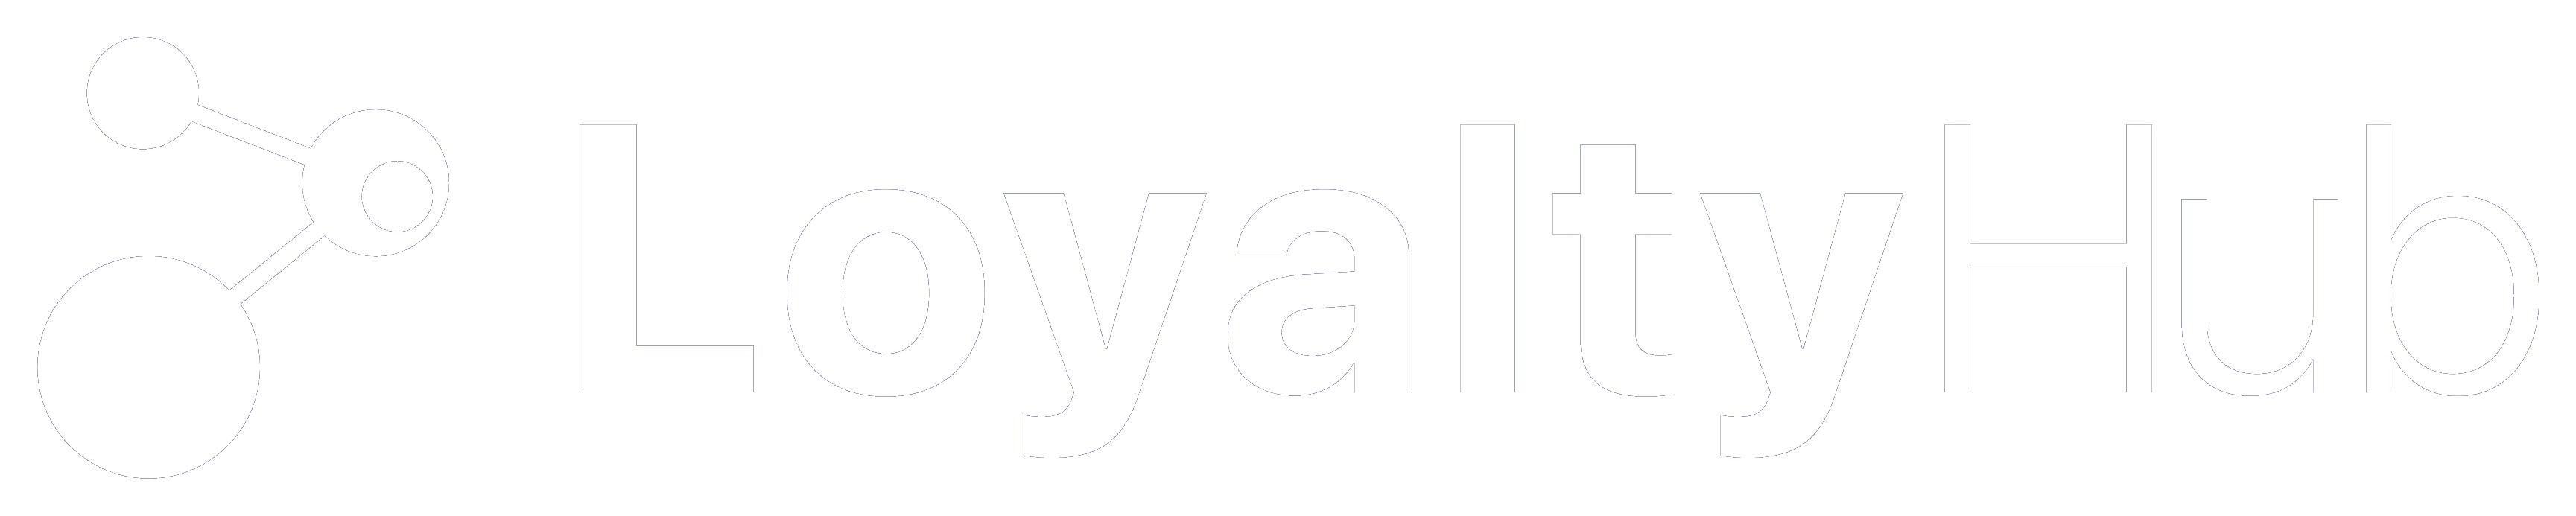 LoyaltyHub